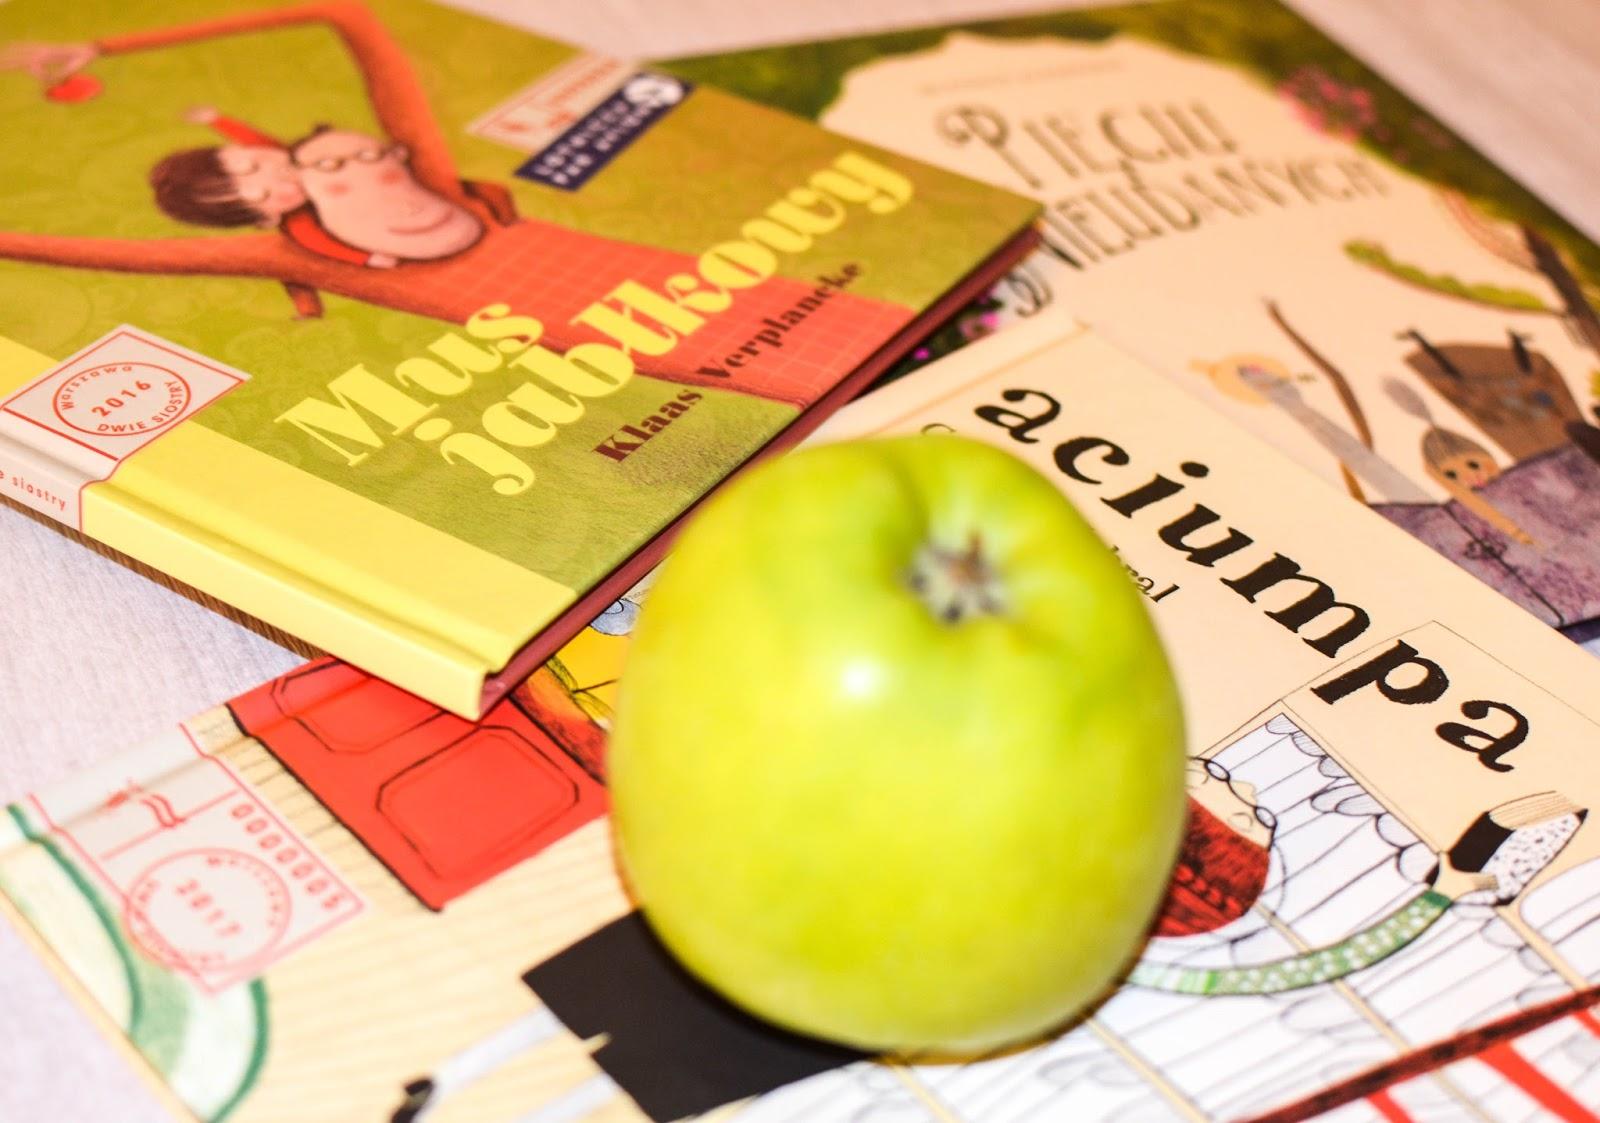 mus jabłkowy, aciumpa, pięciu nieudanych, książki dla dzieci, polecone z zagranicy, dwie siostry